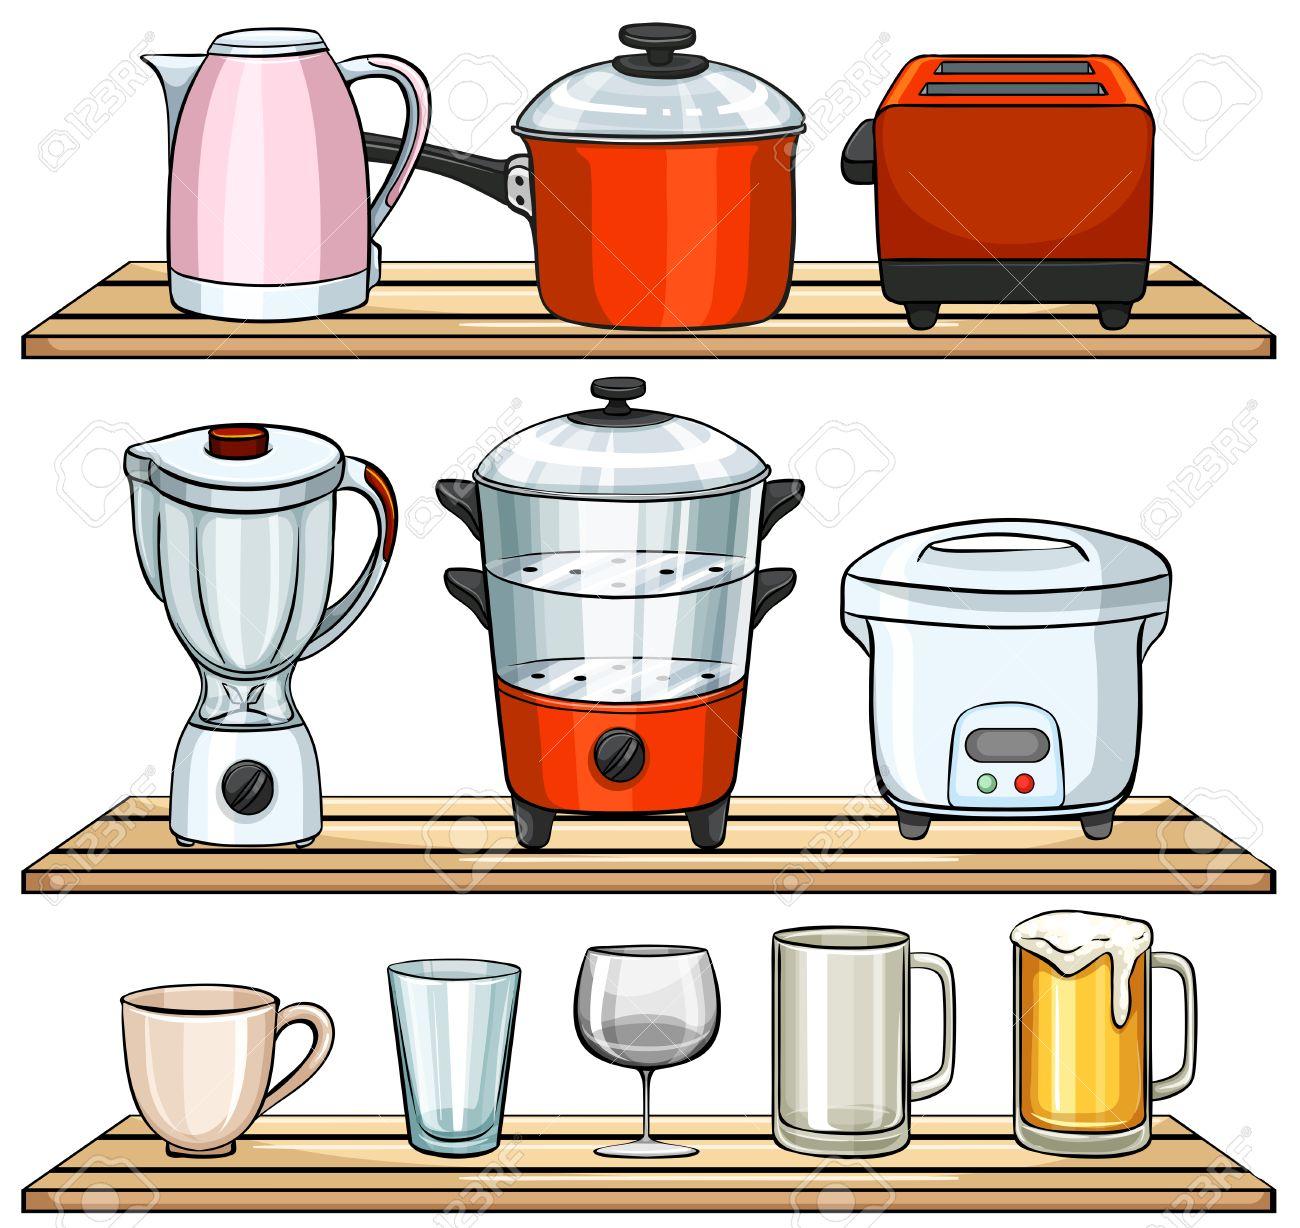 Uncategorized Different Kitchen Appliances different kind of kitchen appliances royalty free cliparts stock vector 38303735